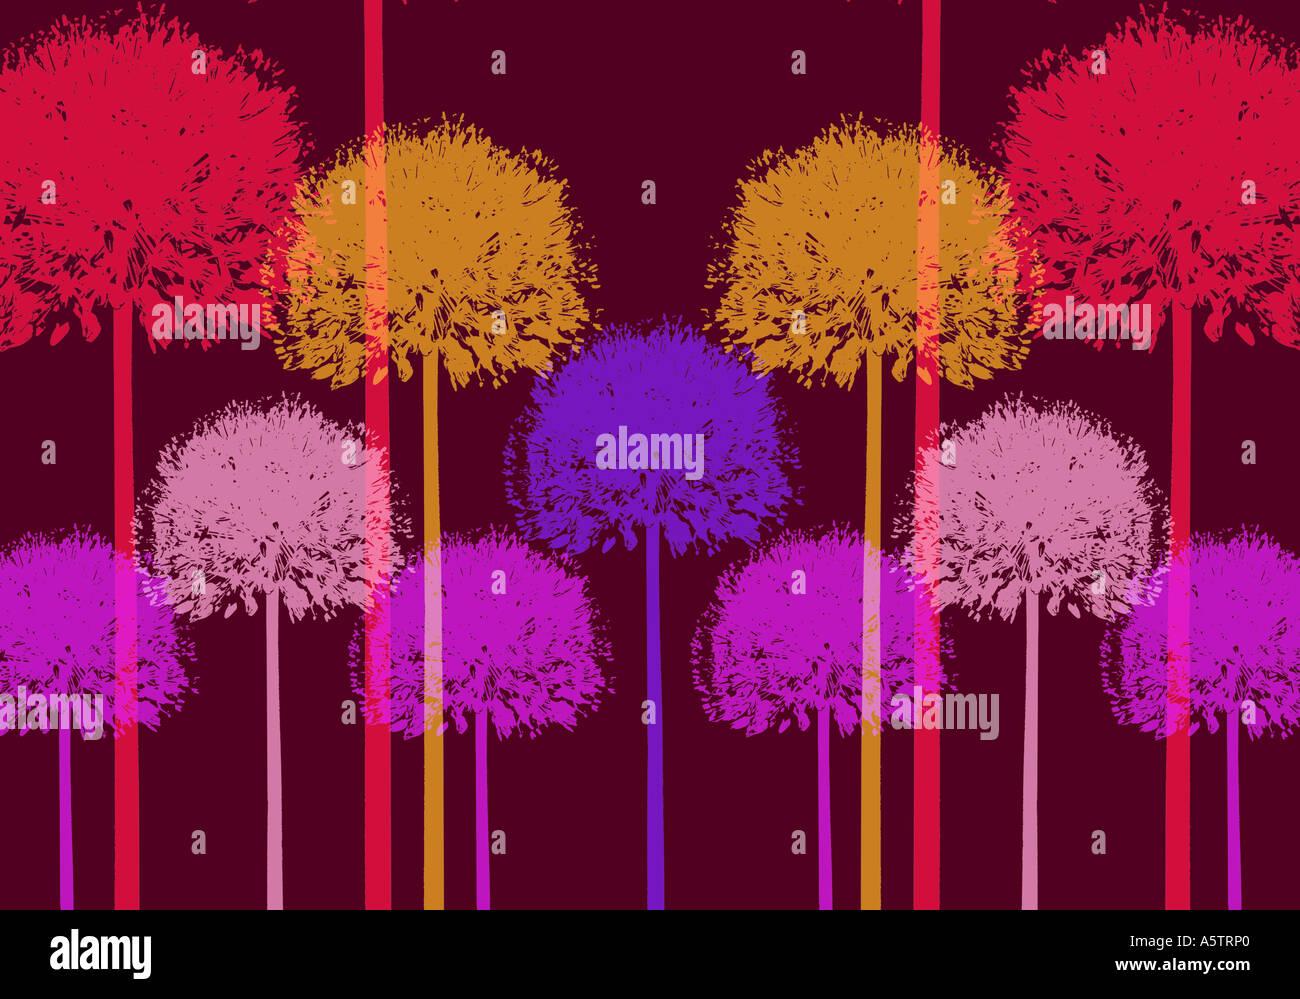 El patrón gráfico - Allium ilustración Imagen De Stock